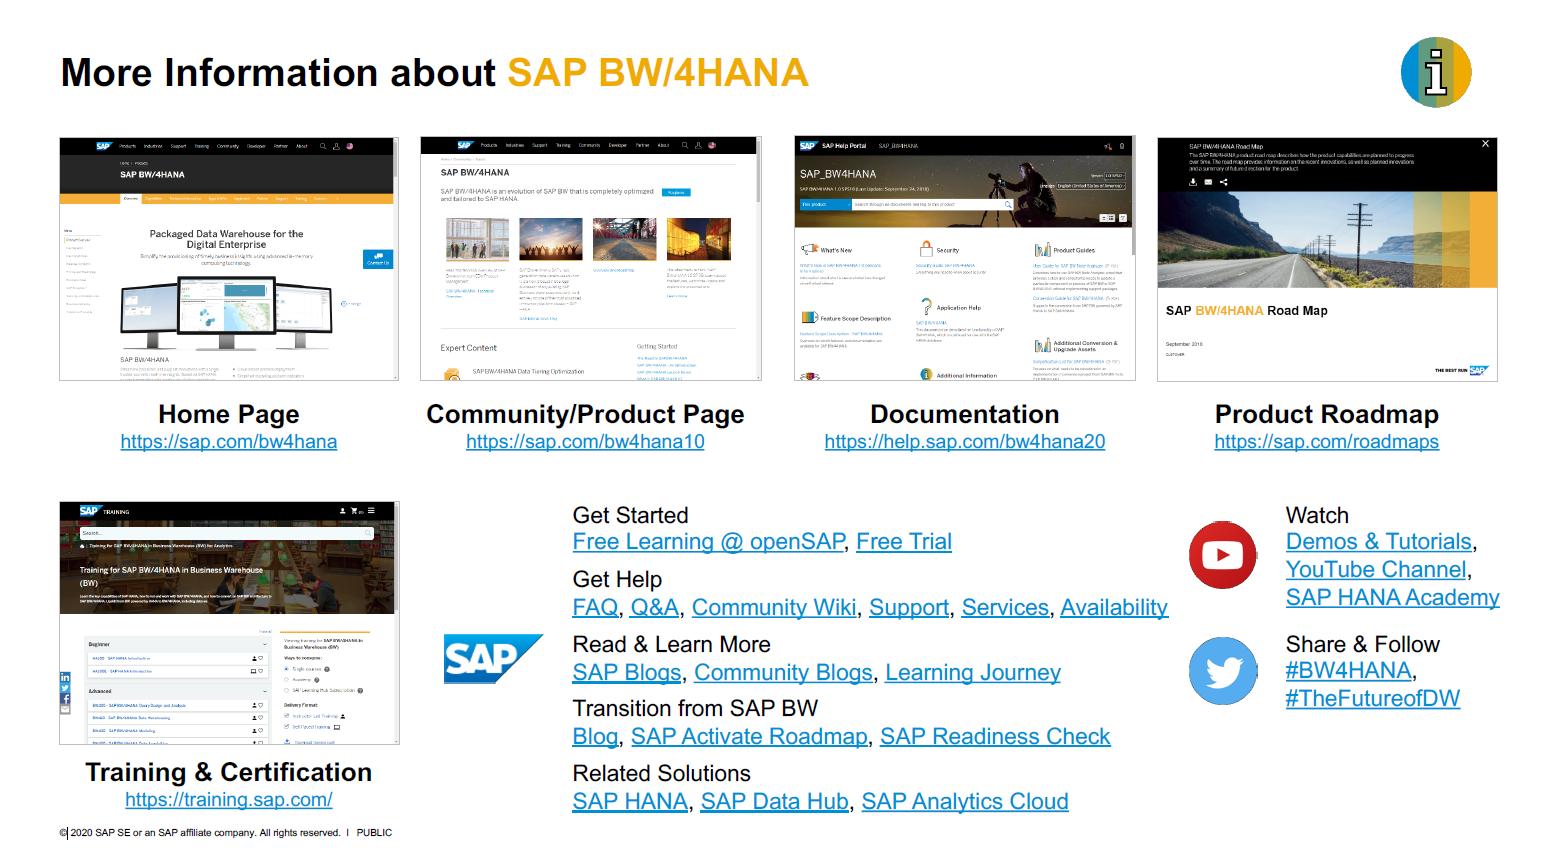 Mehr Informationen zu SAP BW/4HANA